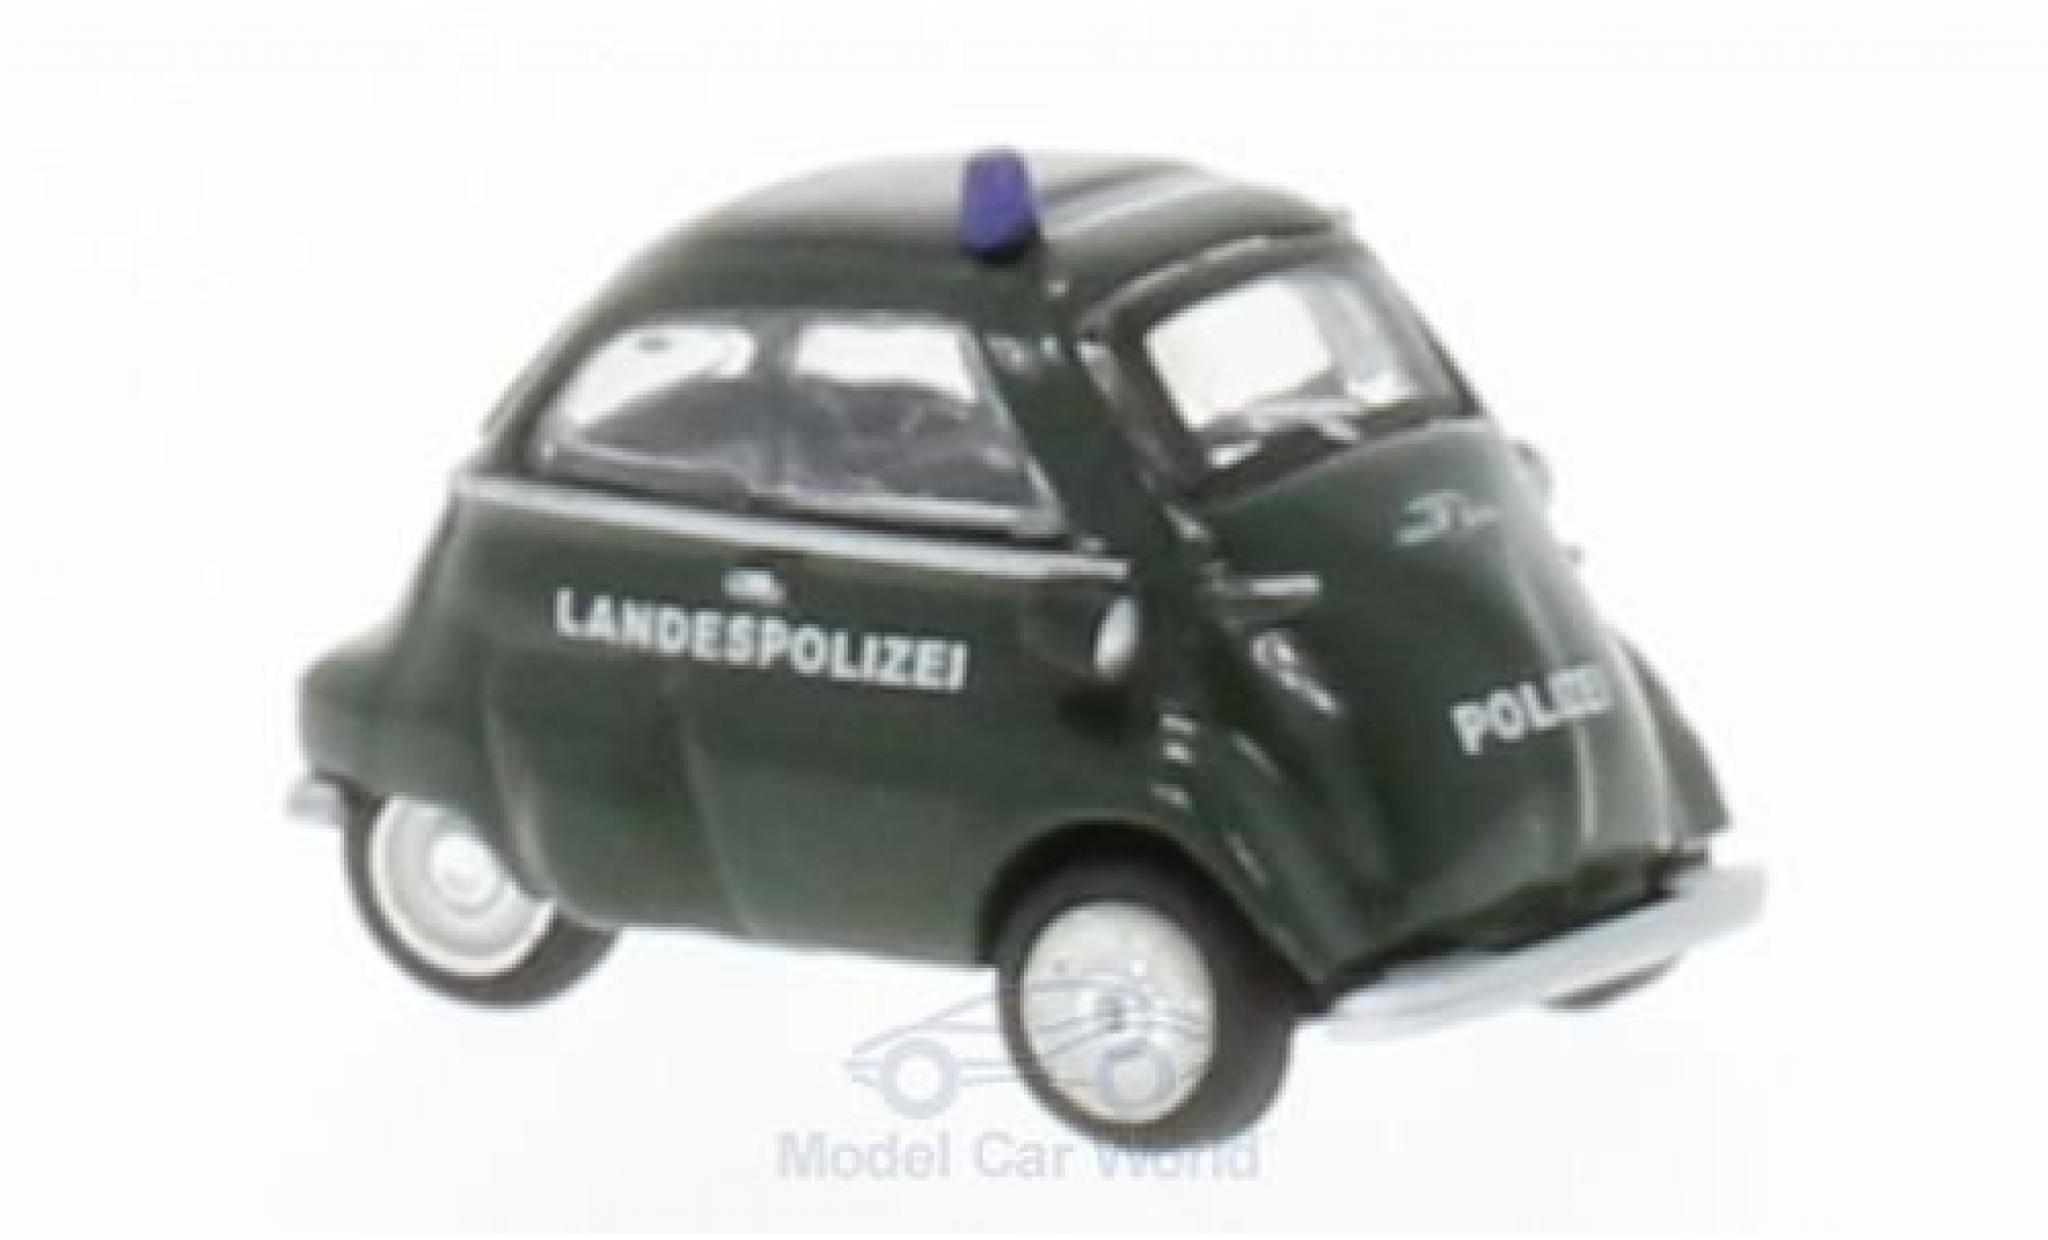 Bmw Isetta 1/87 Schuco Landespolizei